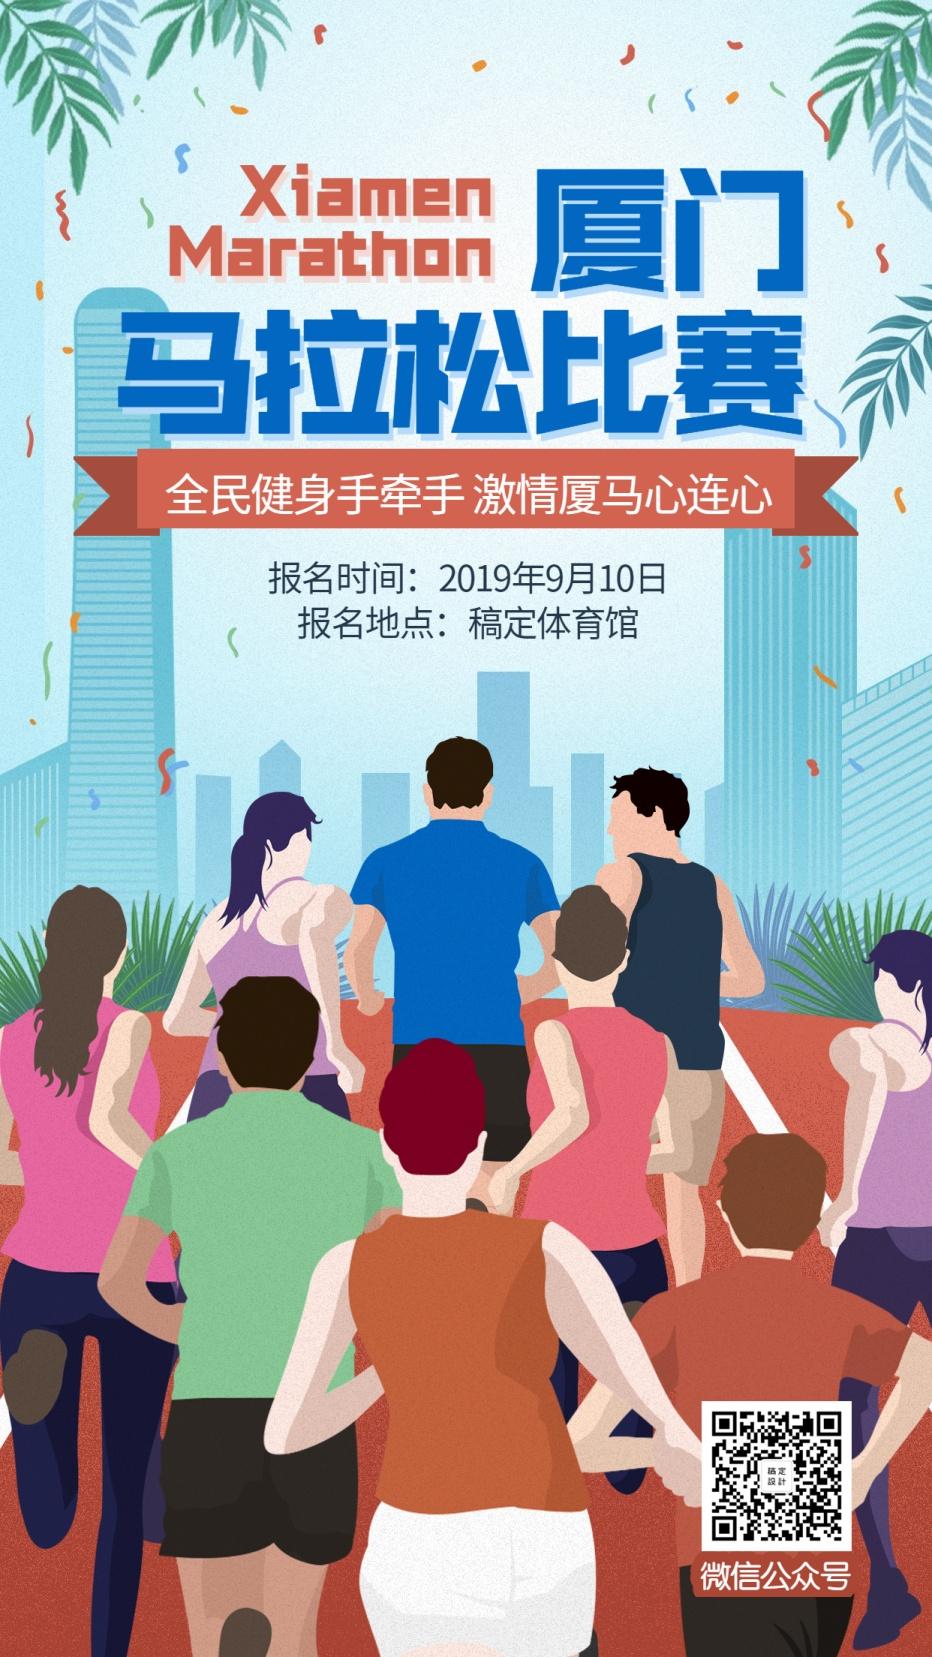 马拉松比赛/田径运动/手机海报